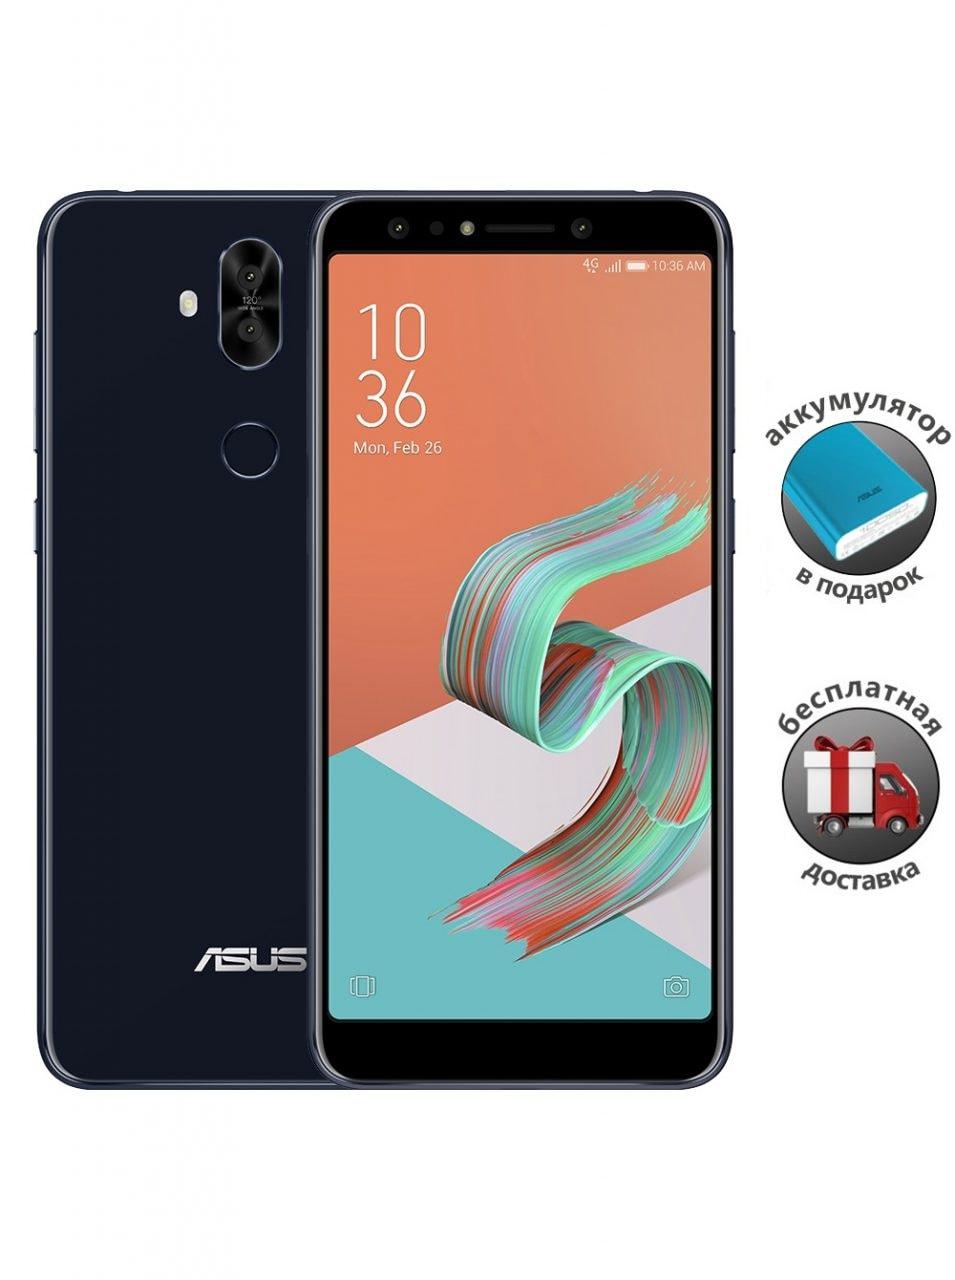 ASUS ZenFone 5 (2018) Lite appare in Russia e ci dà un indizio sul suo possibile prezzo (foto e video)